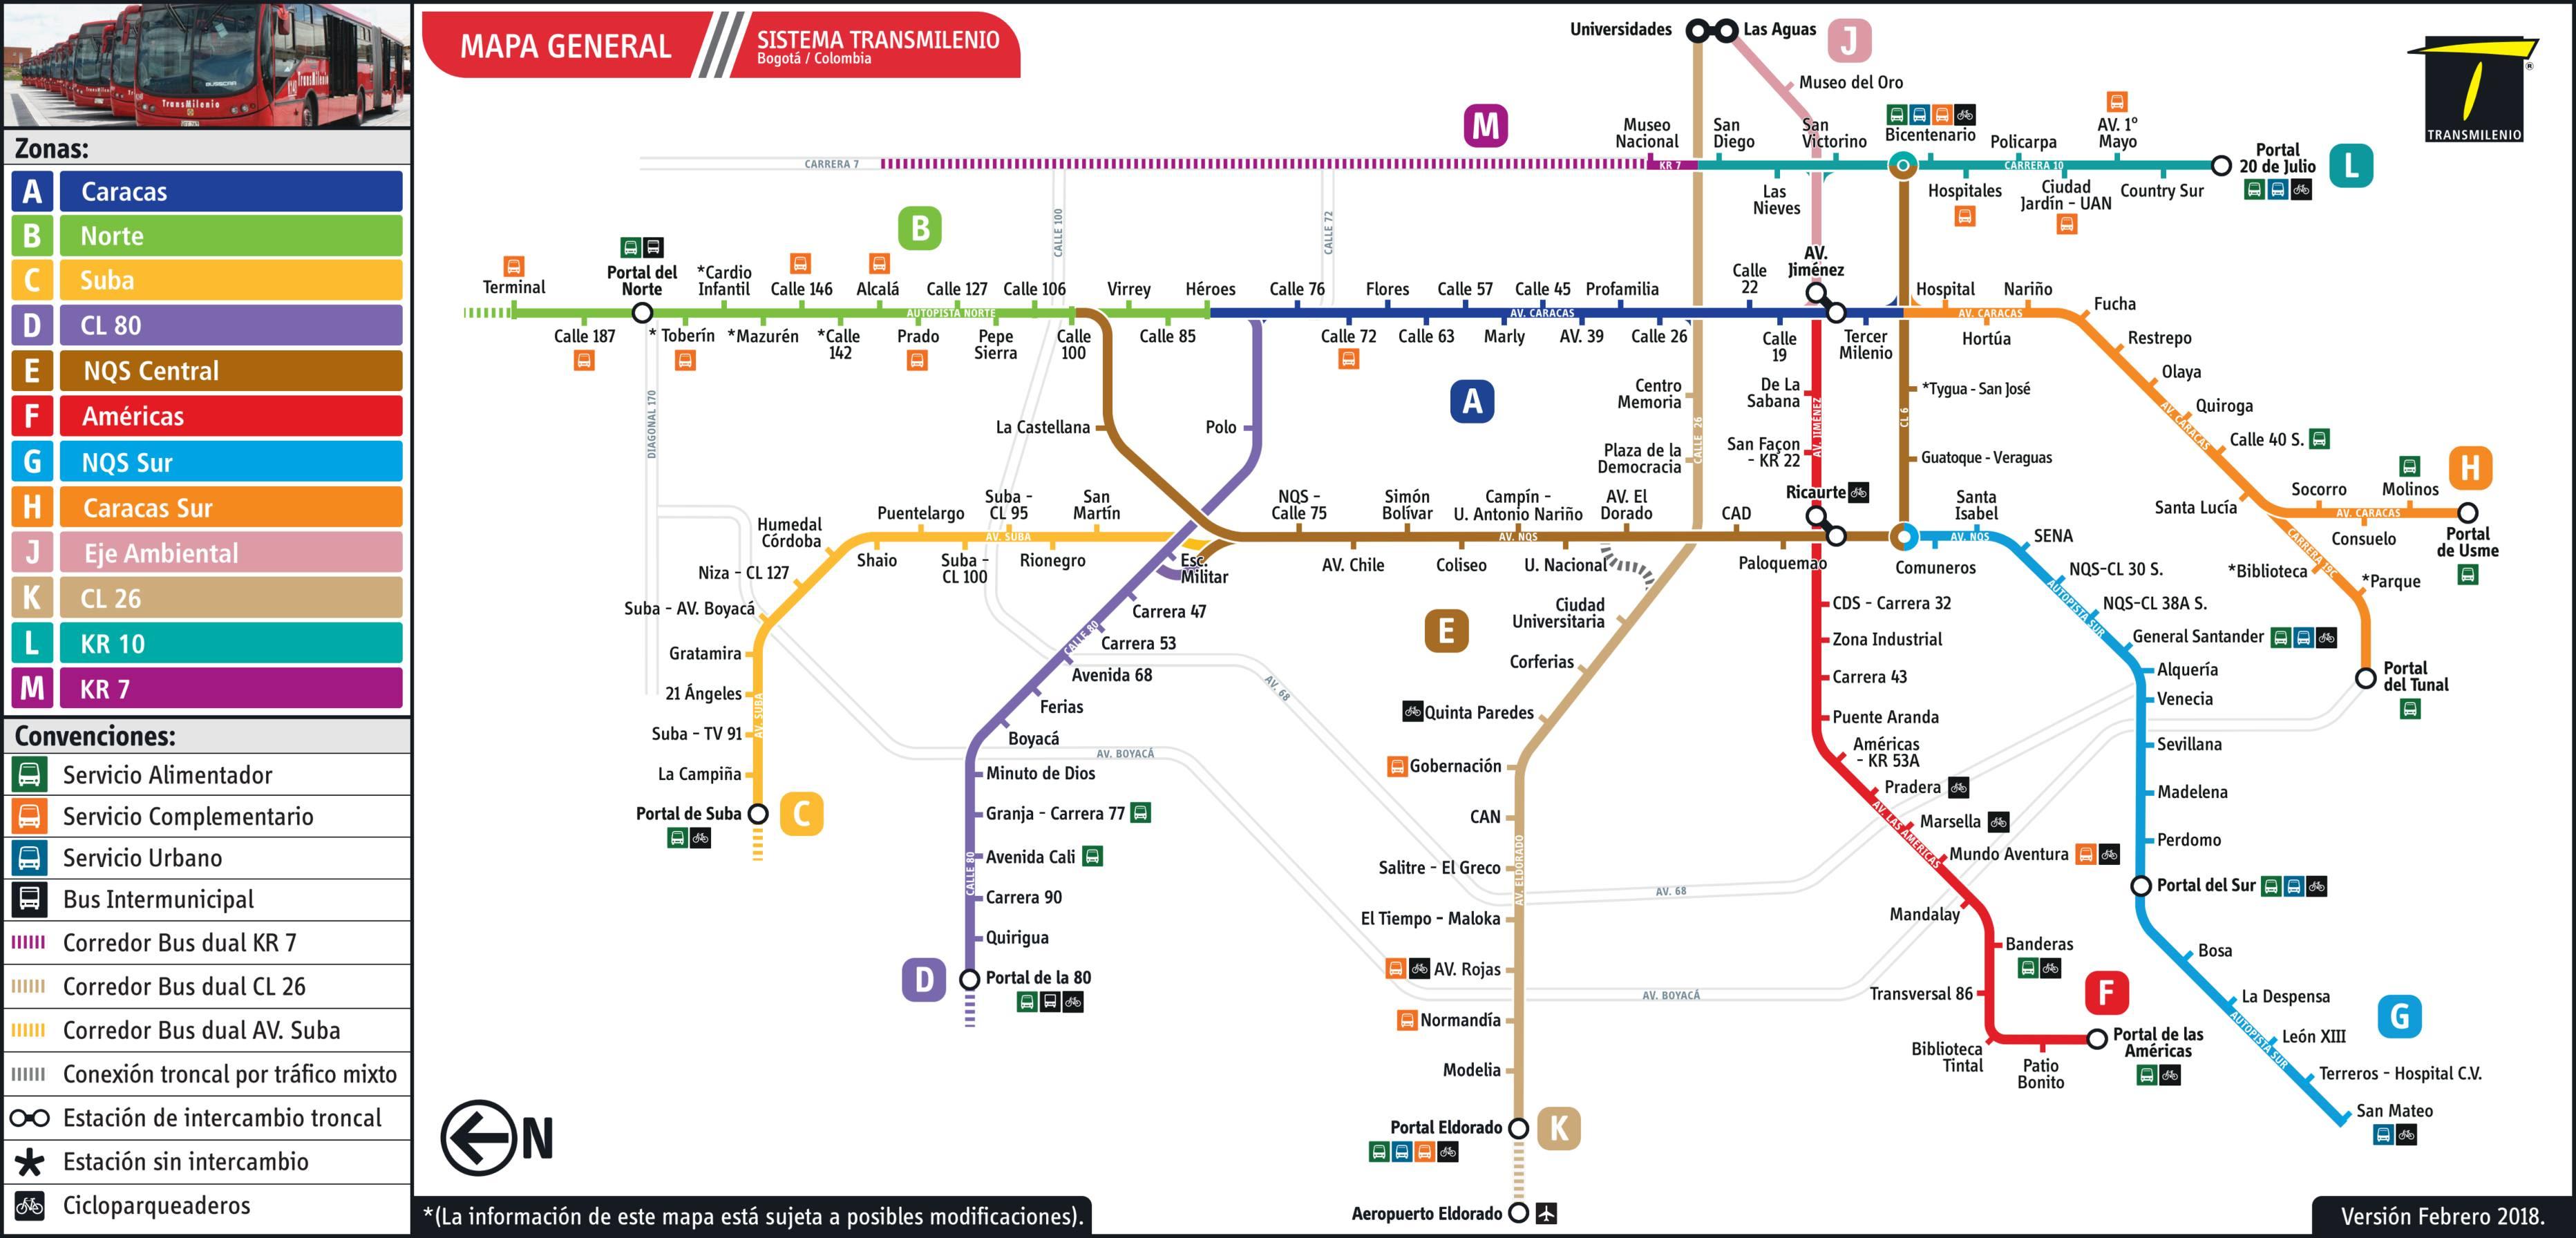 Mapa y estaciones del sistema Transmilenio en Bogotá (Colombia)